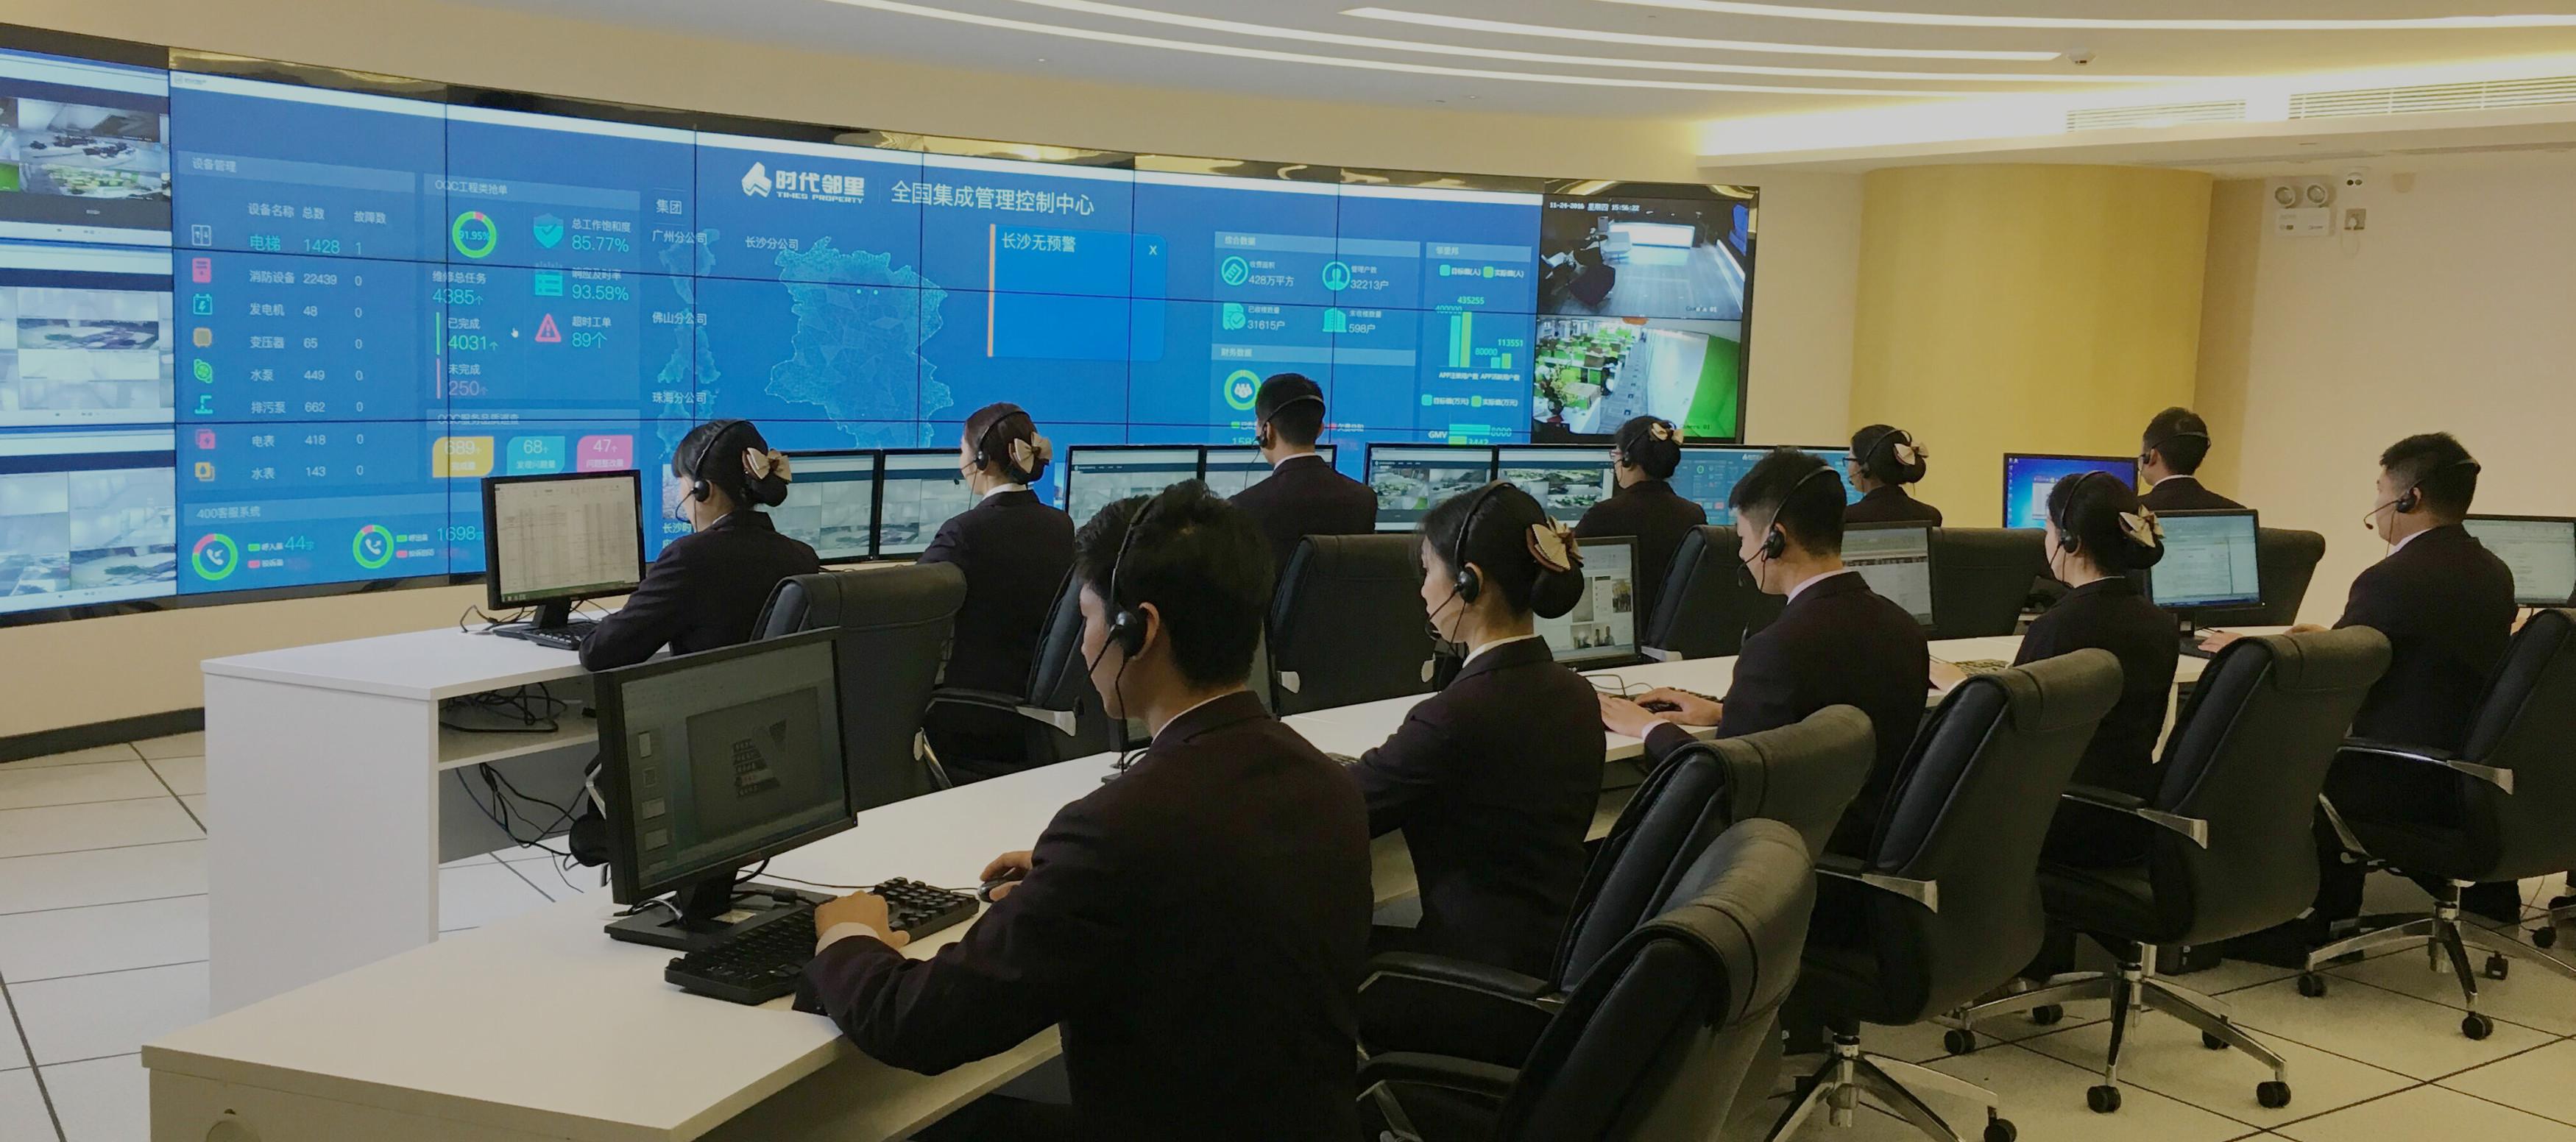 广州市时代邻里邦网络科技有限公司全国集成管理控制中心